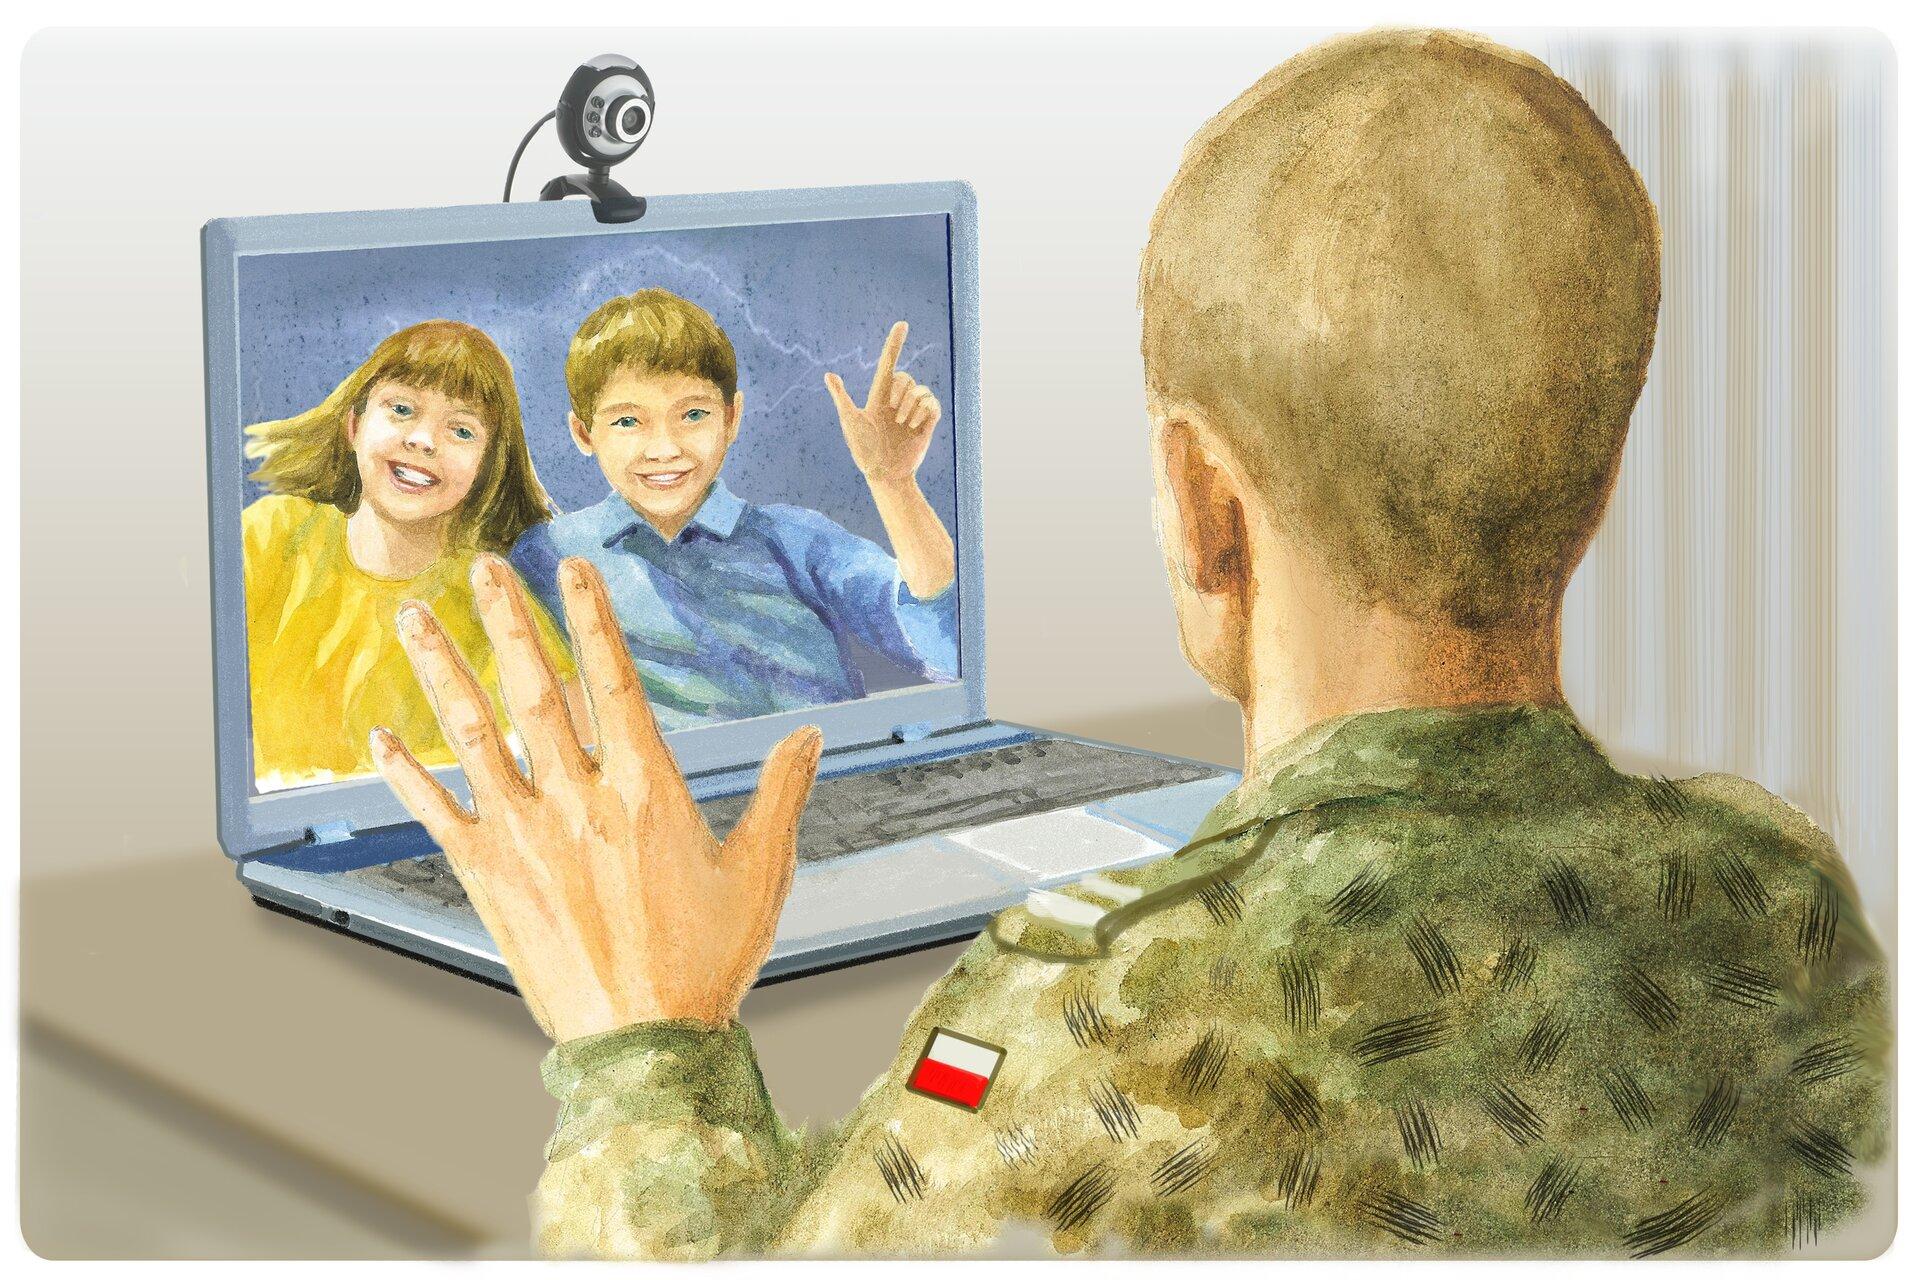 Ilustracja przedstawiająca osoby rozmawiających za pomocą Skype'a